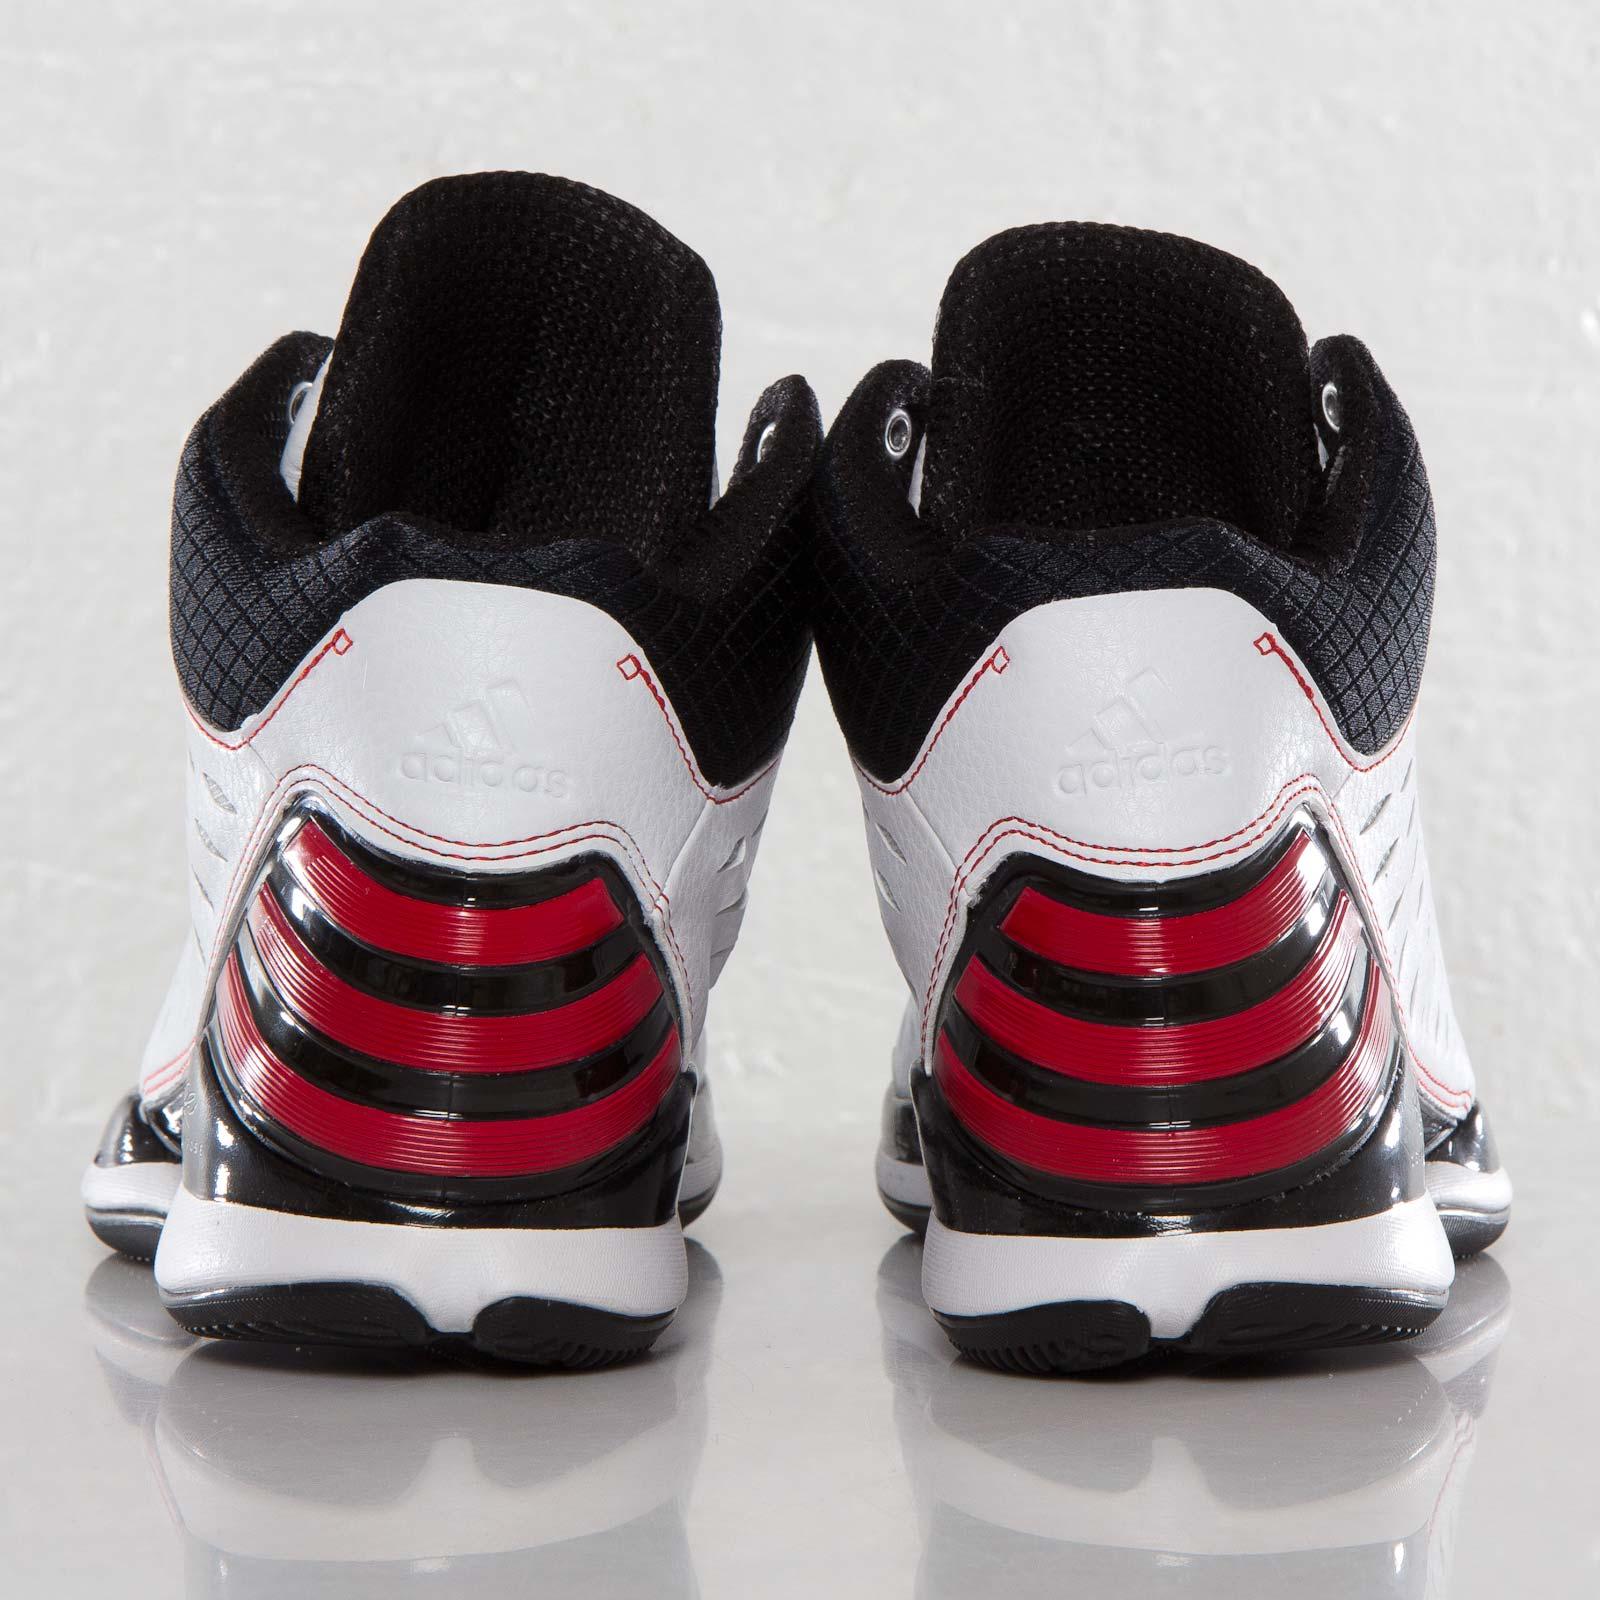 0d1ec222026a adidas D Rose 773 Light - G65742 - Sneakersnstuff